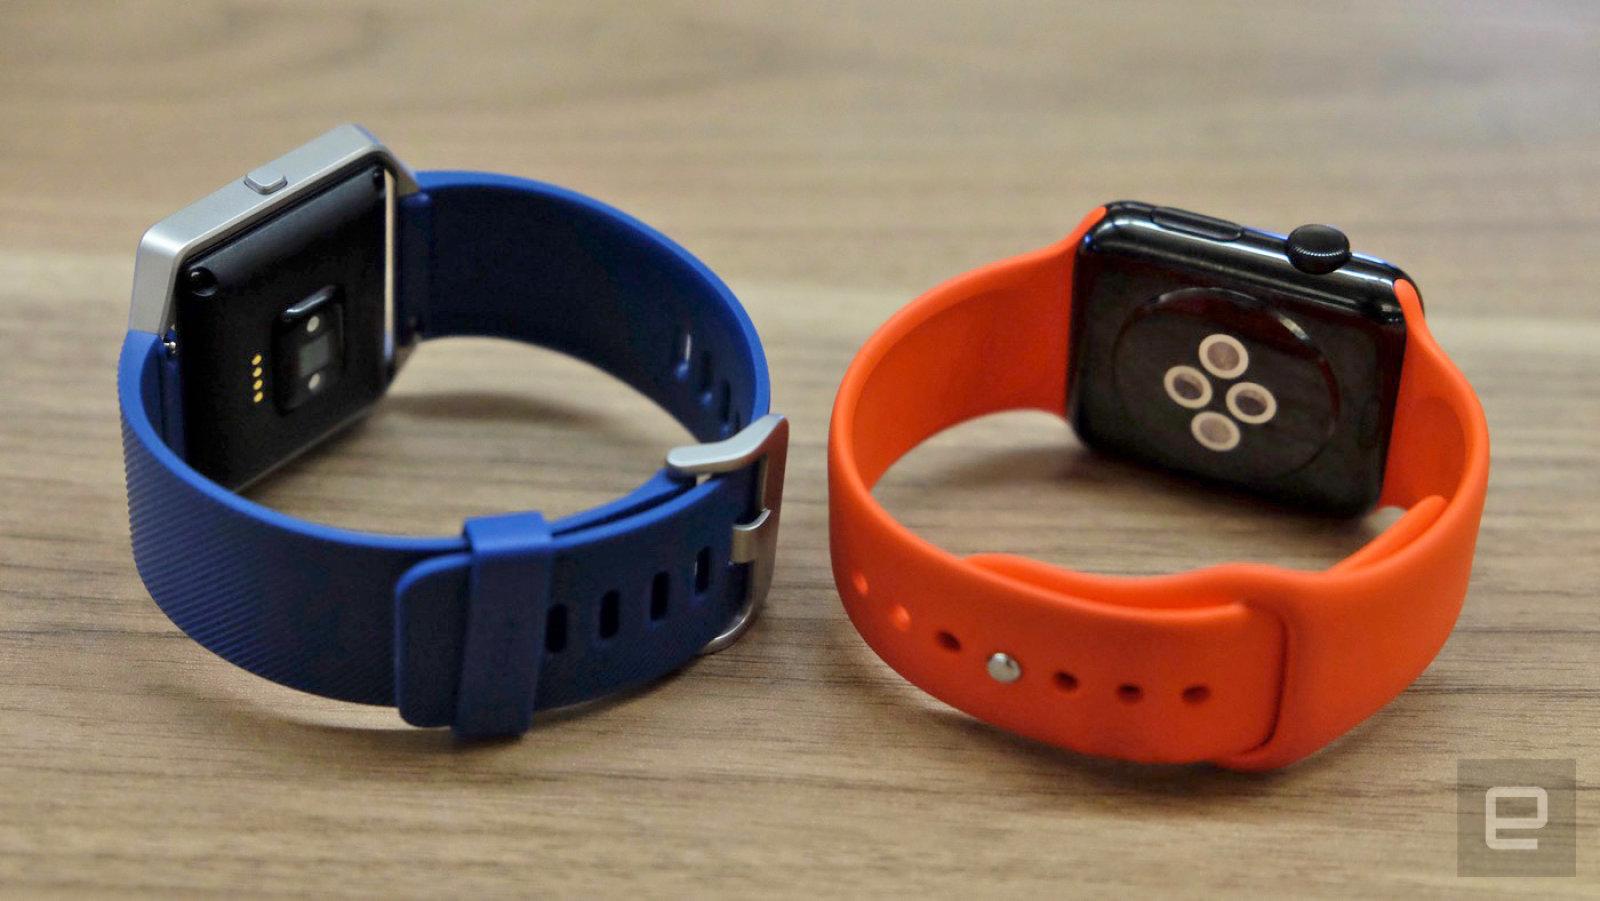 Parece que Fitbit lo tiene muy difícil para lanzar un smartwatch